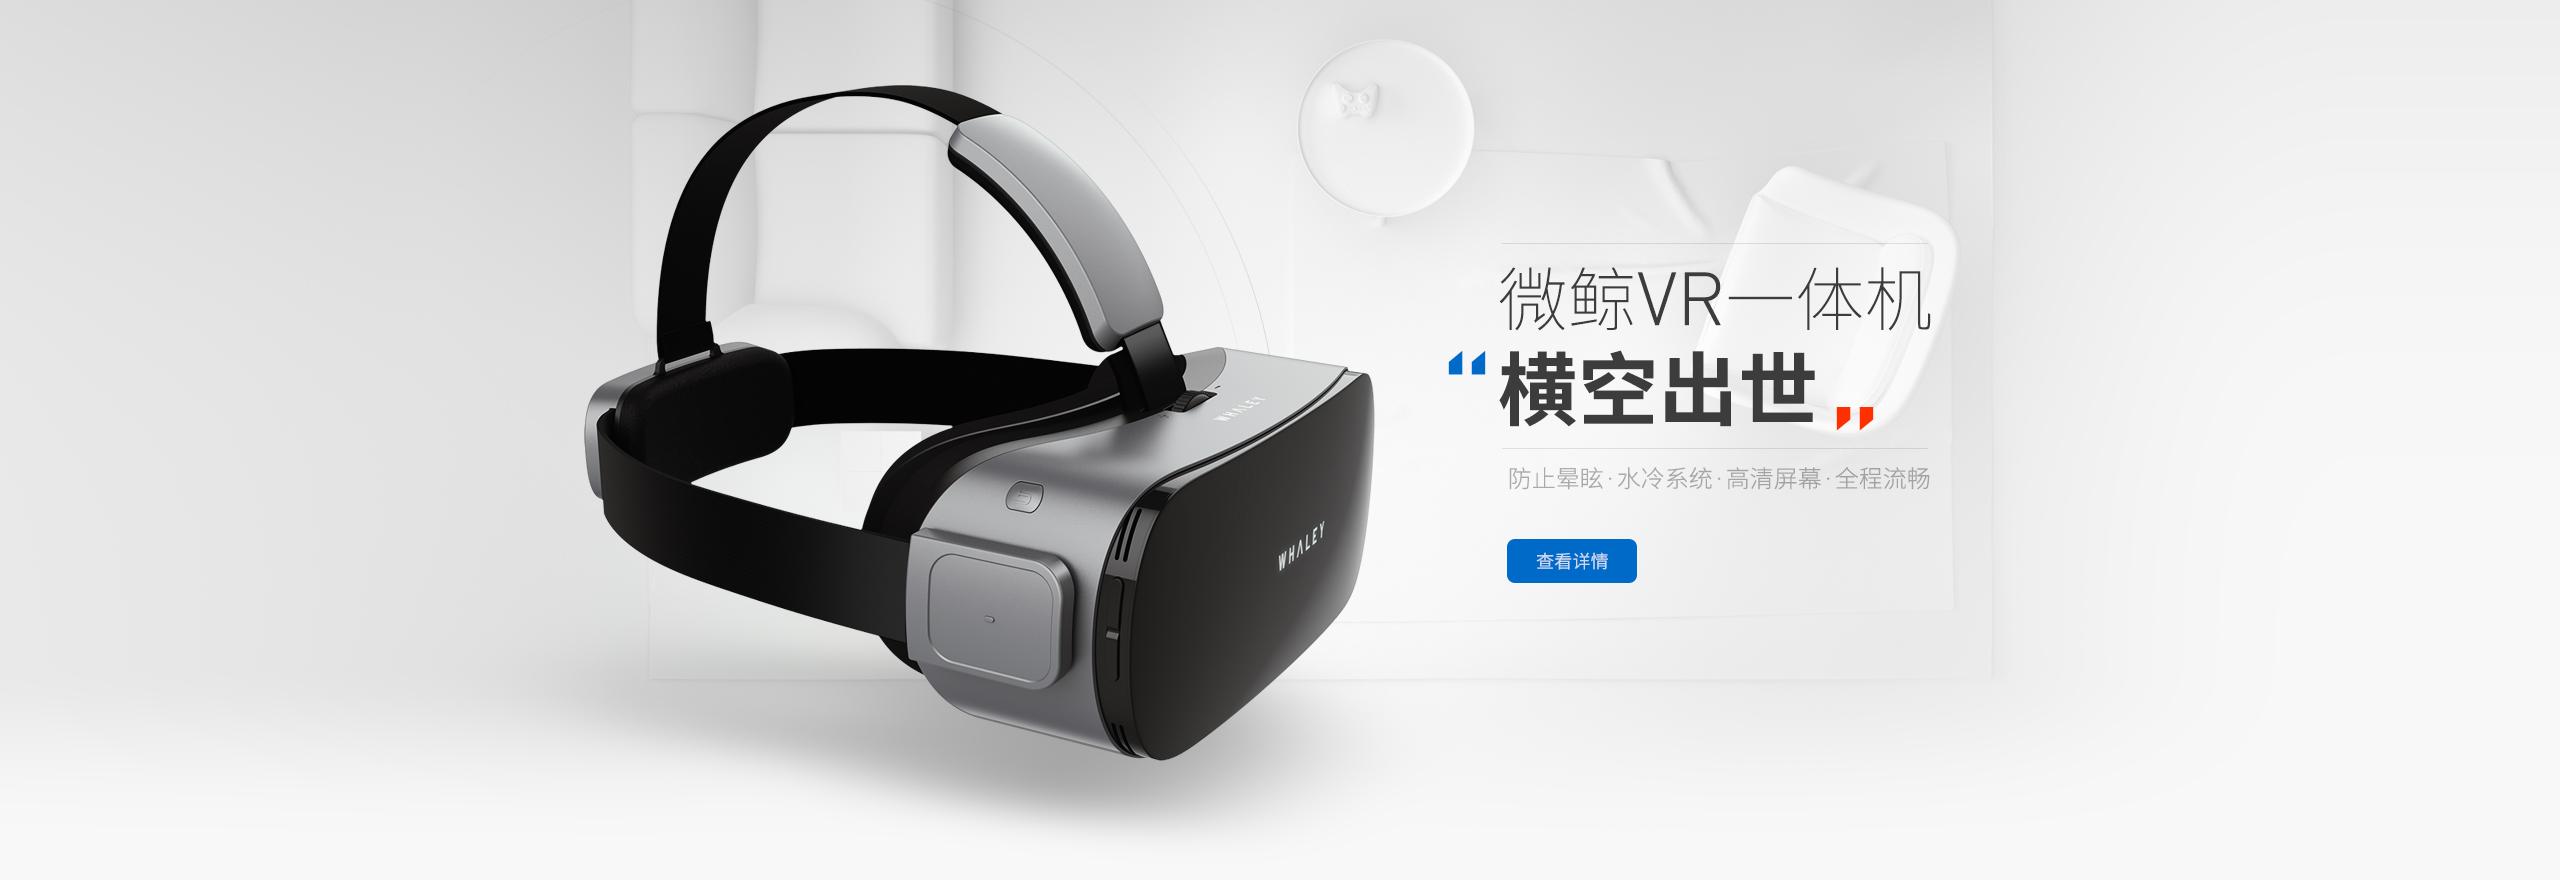 微鲸VR一体机